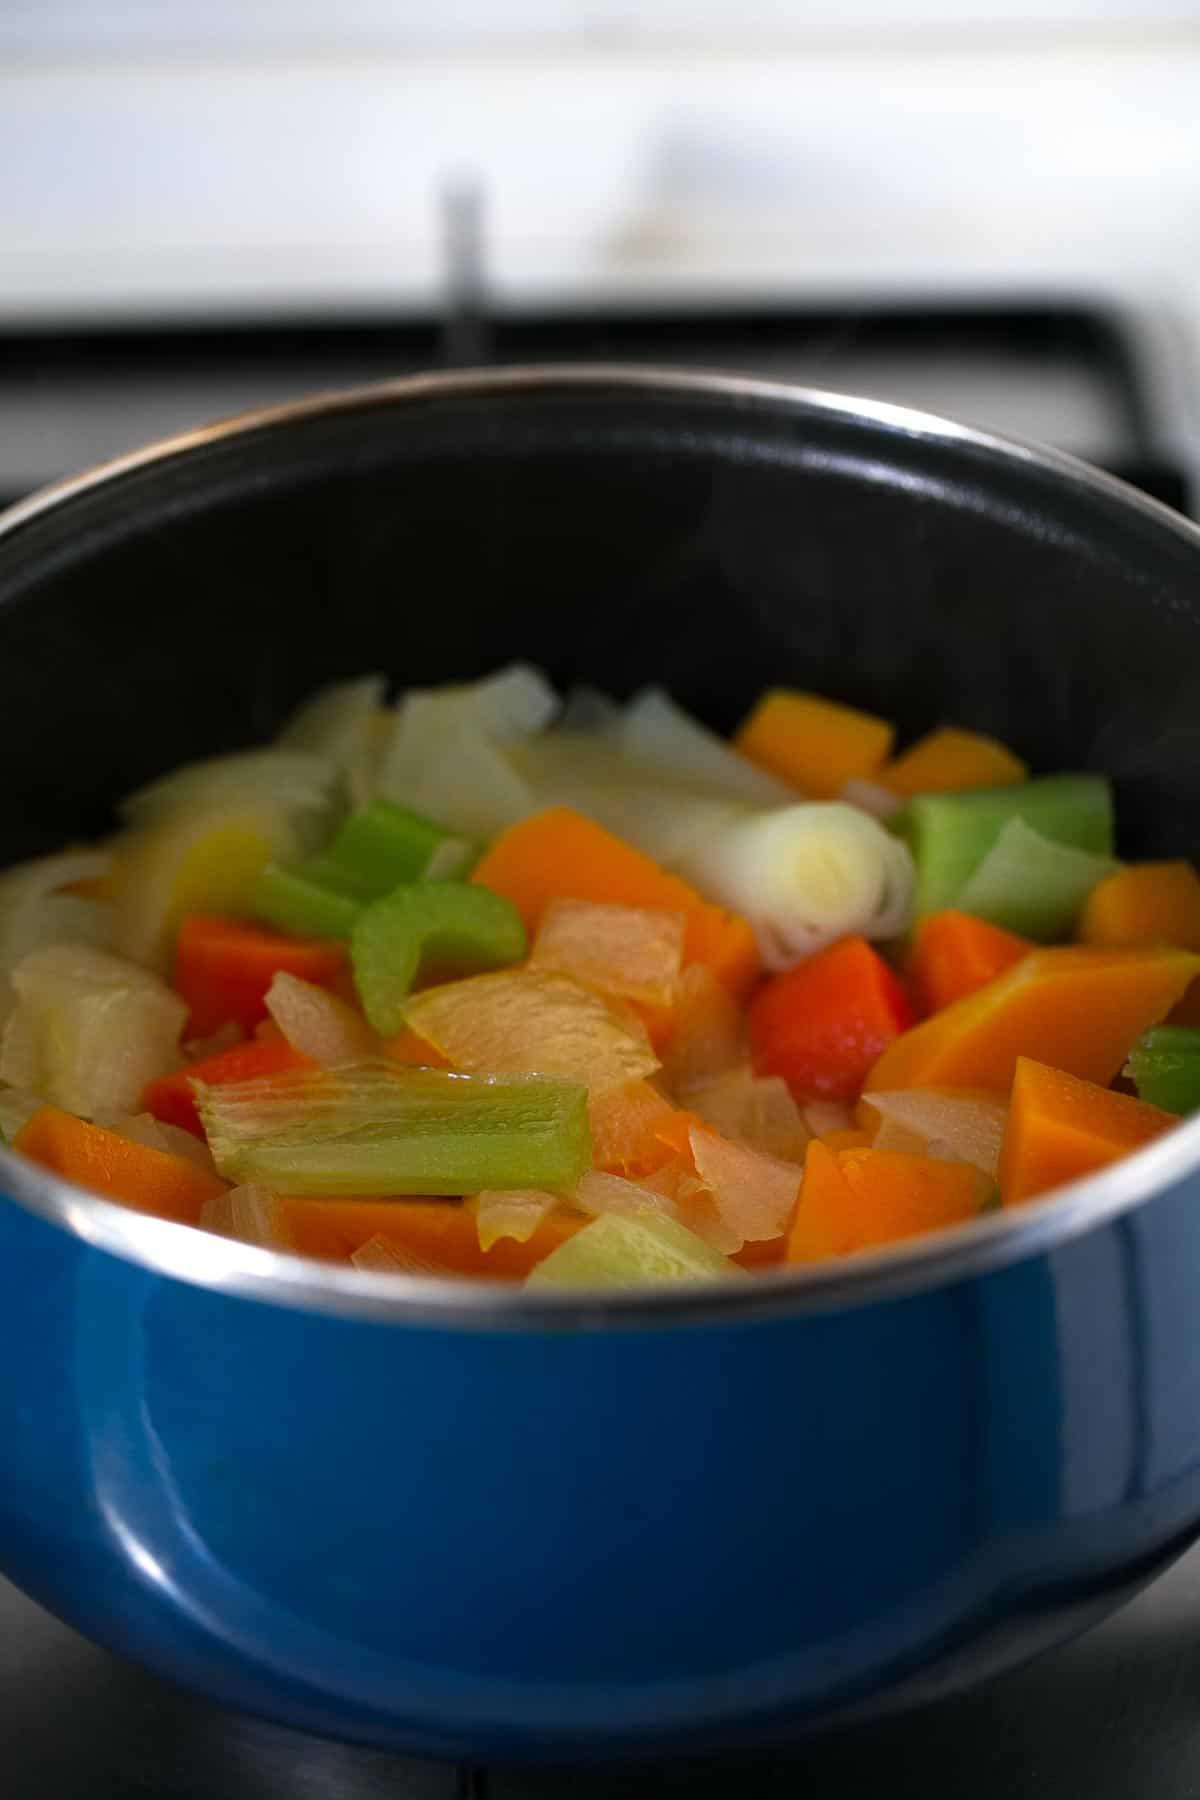 Crema de Verduras. - Hacer cremas de verduras es muy fácil y están riquísimas. En esta entrada os enseño mis trucos para llevarlas al siguiente nivel.